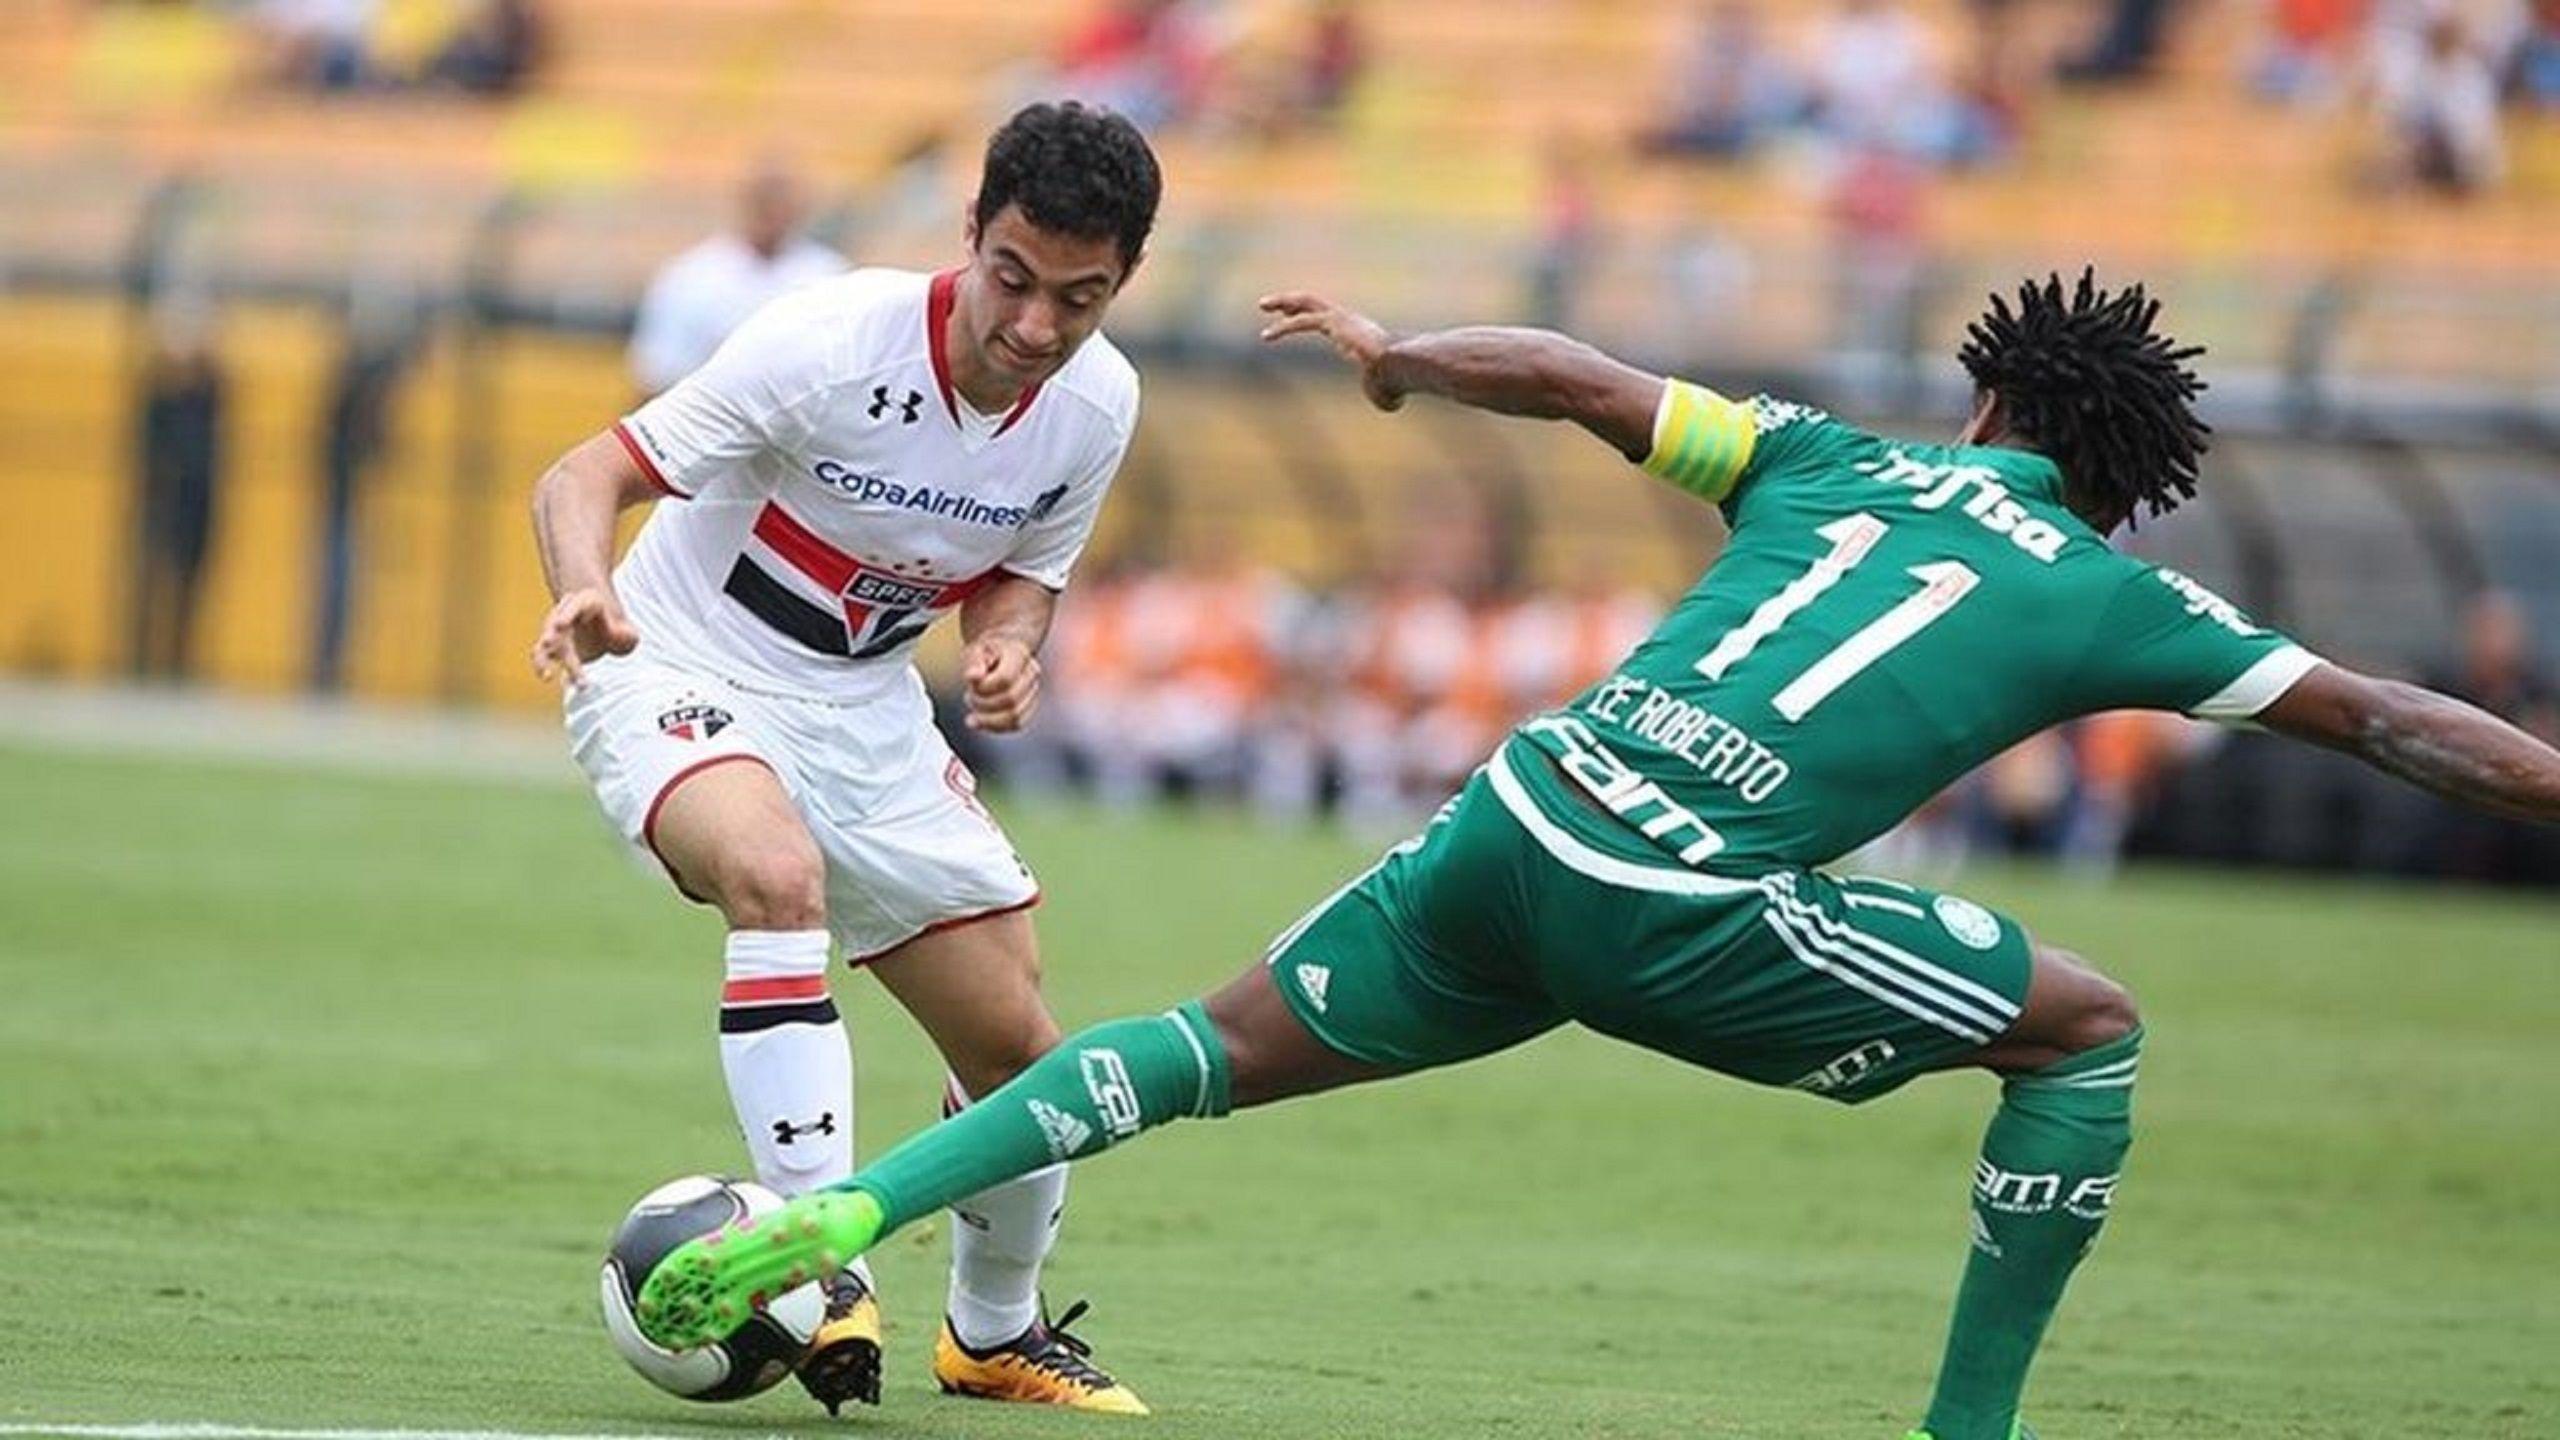 Conmoción en el fútbol: encuentran a un jugador brasileño casi decapitado y con los genitales cortados